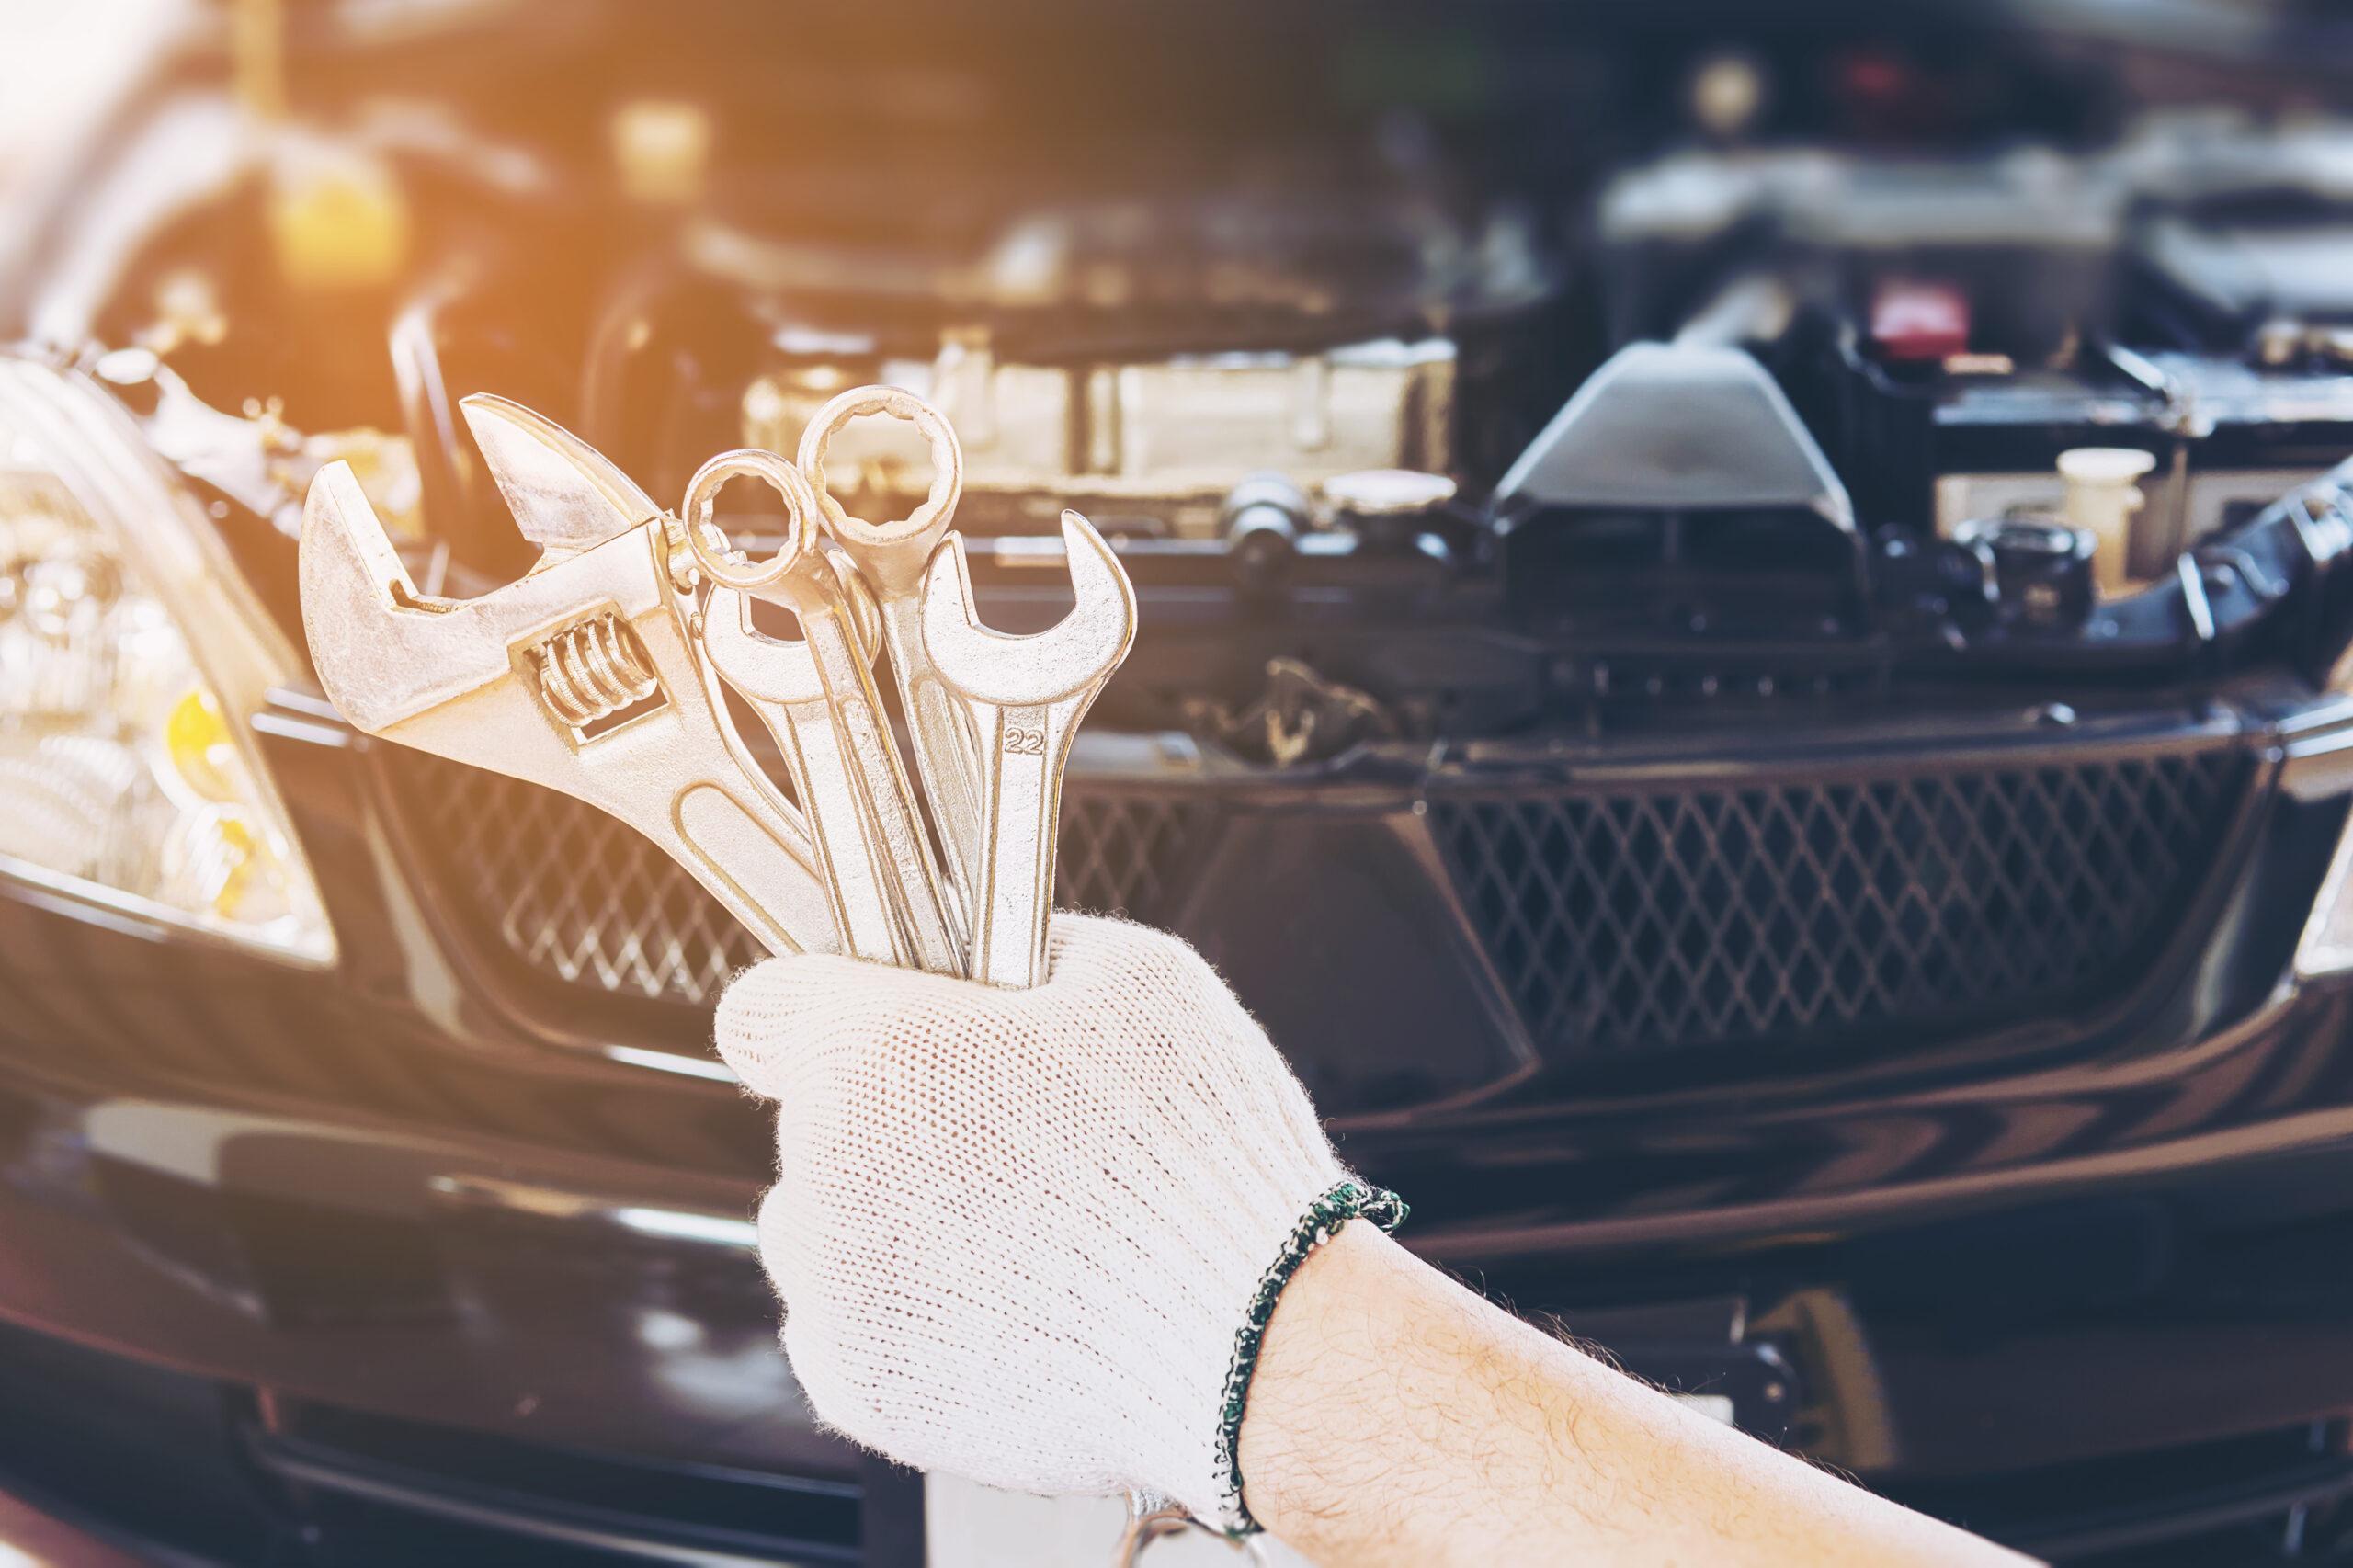 Mechanic man repairing car